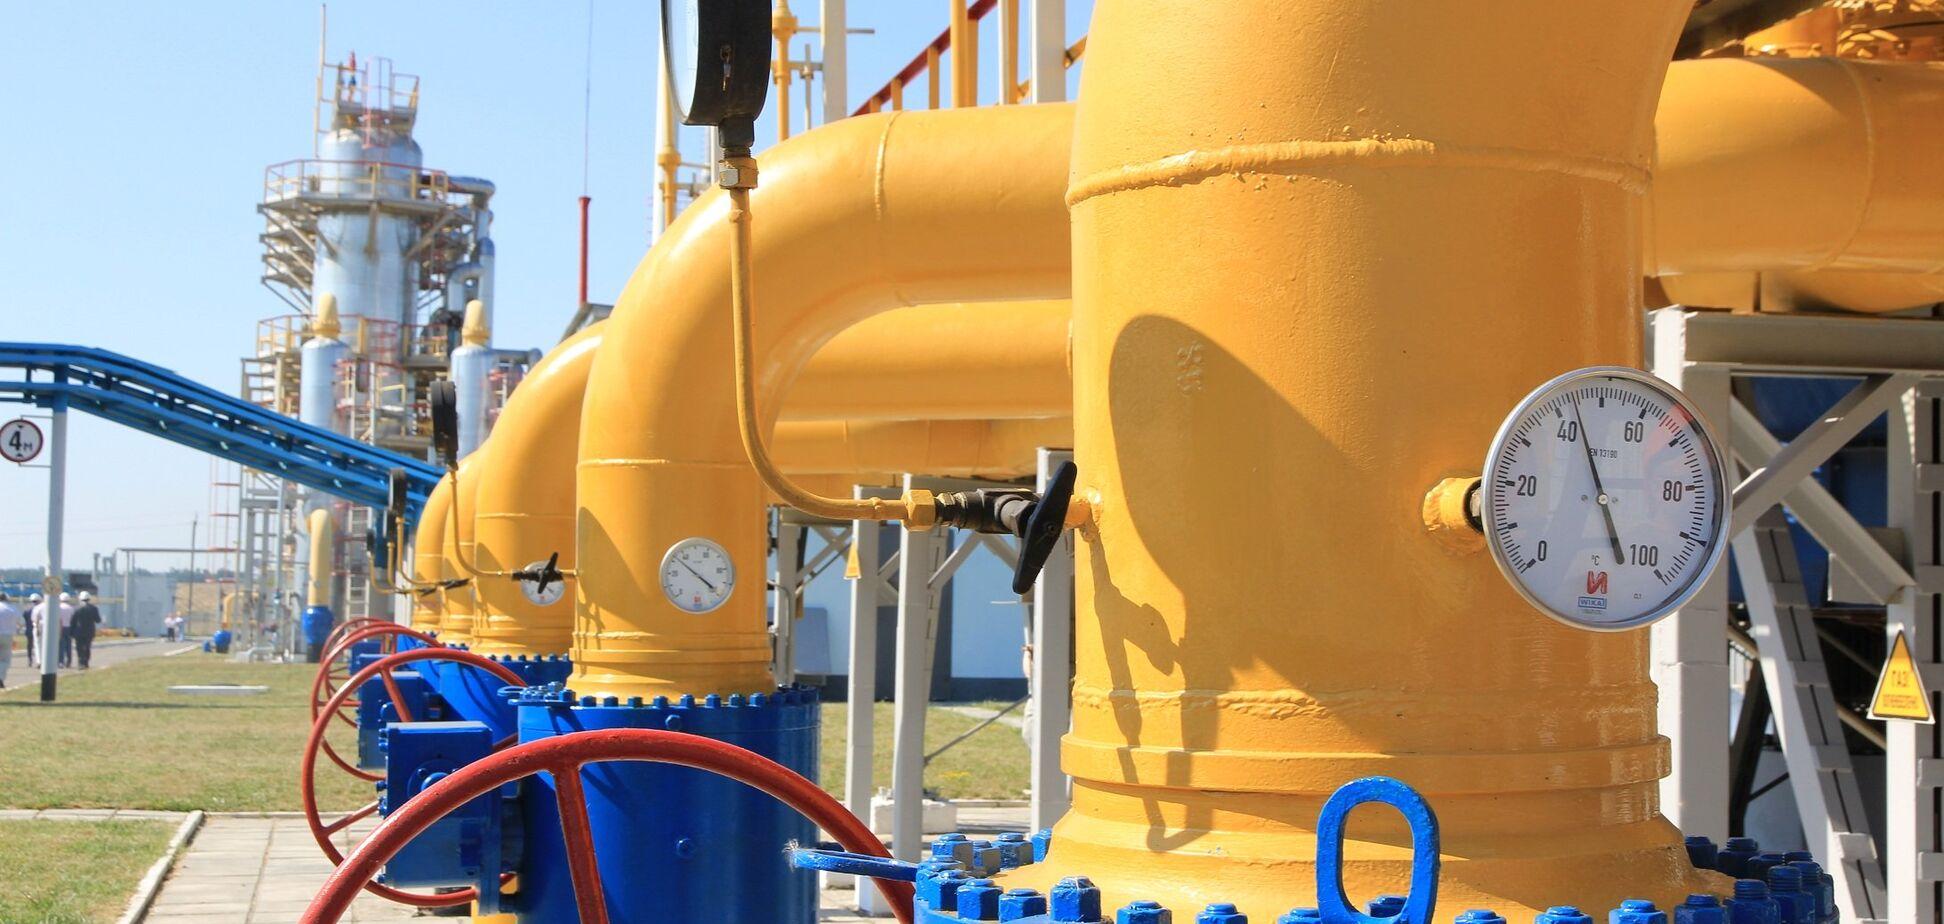 В Україні найнижчі ціни на зберігання газу в Європі: компанії почали масово заповнювати сховища